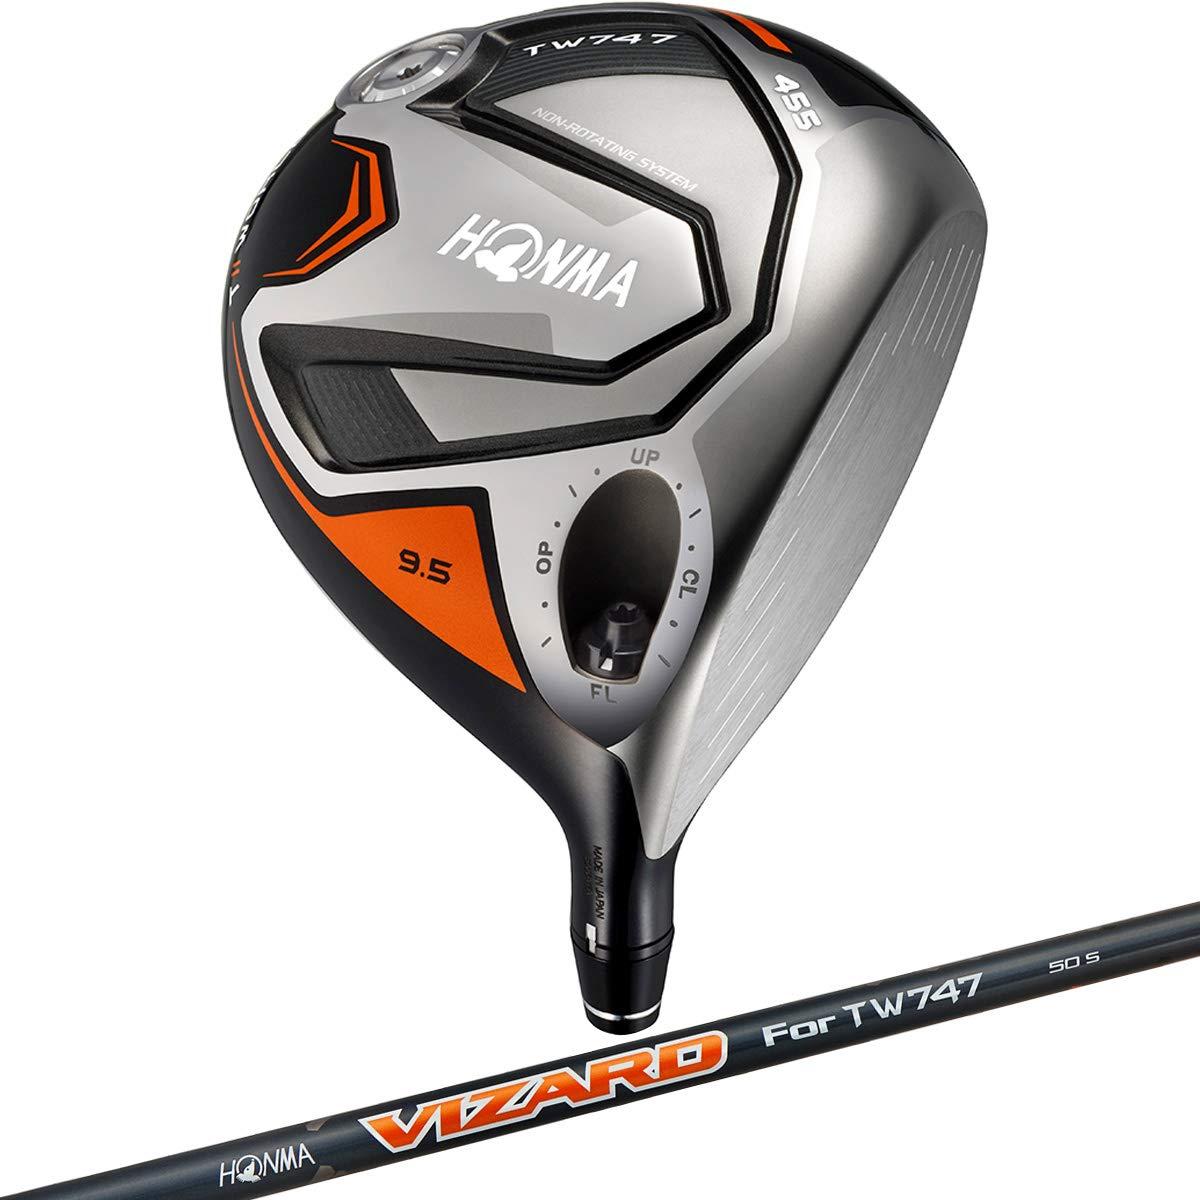 本間ゴルフ ドライバー TW747-455 ドライバー VIZARD for TW747 カーボン メンズ 3190000305560028 右 ロフト角:10.5度 番手:1W フレックス:SR